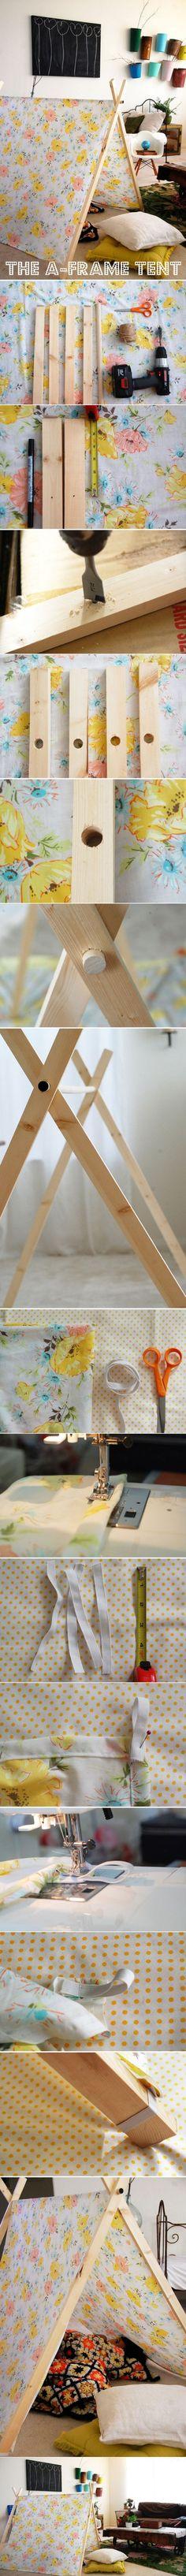 geweldige en handige tent voor kinderen om zelf eenvoudig te maken